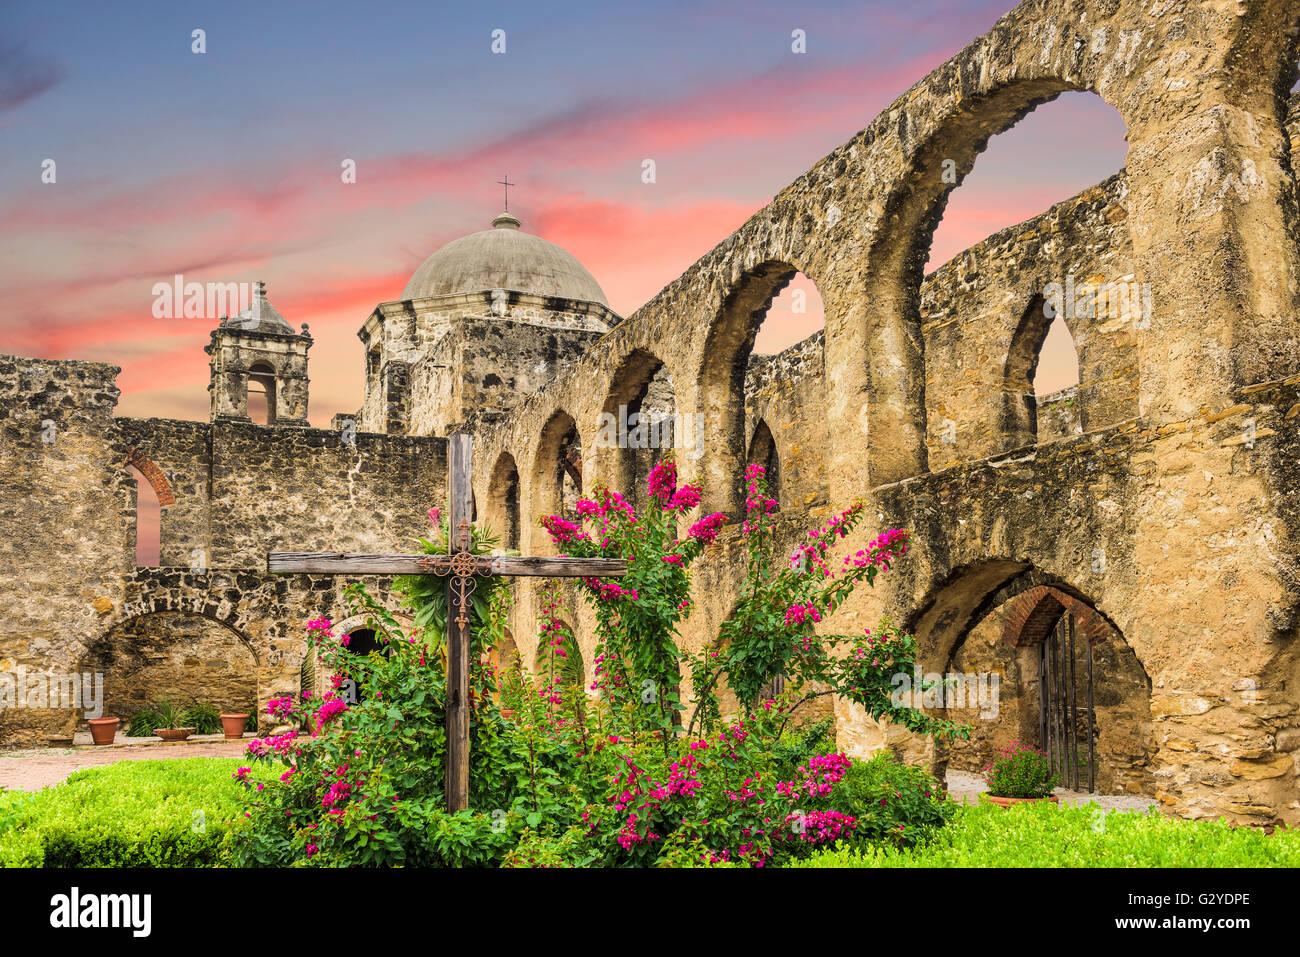 La misión de San José en San Antonio, Texas, EEUU. Imagen De Stock